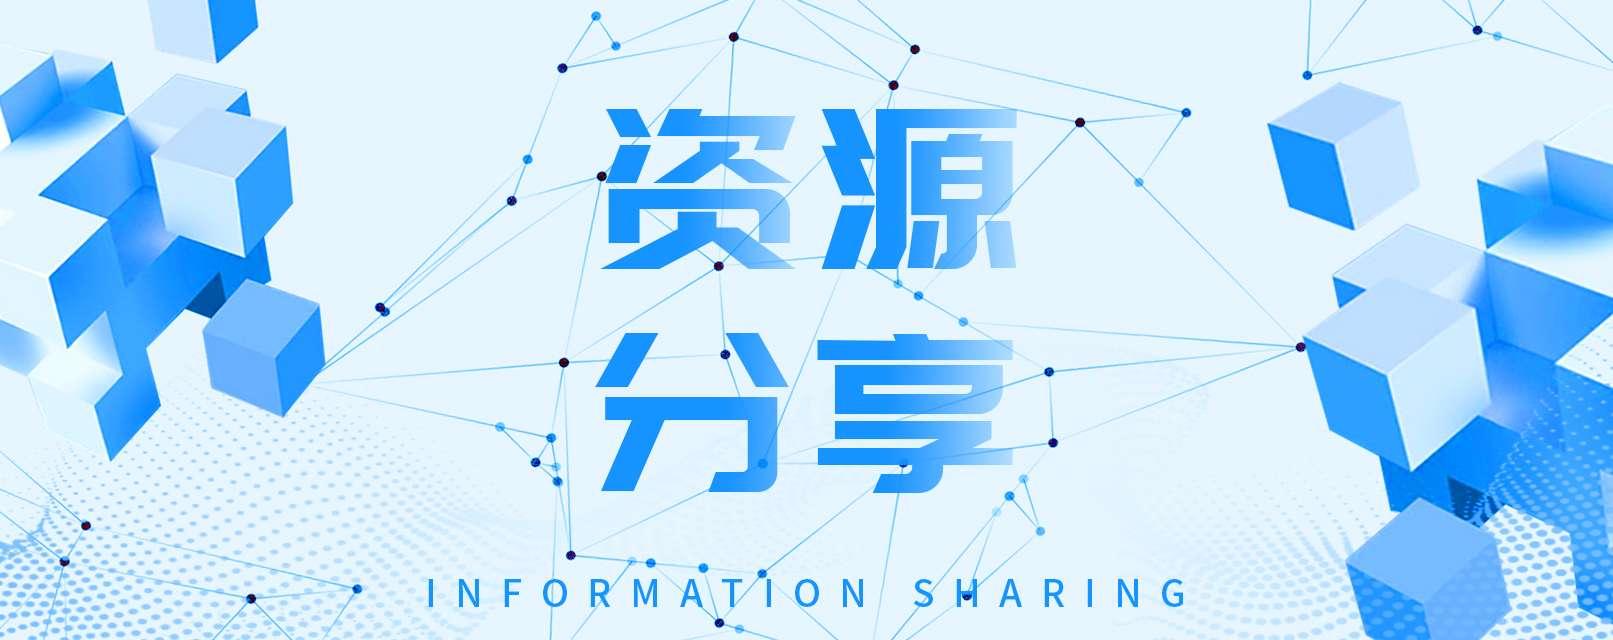 【资源分享】Logo设计(没有思路?我来帮你设计logo)